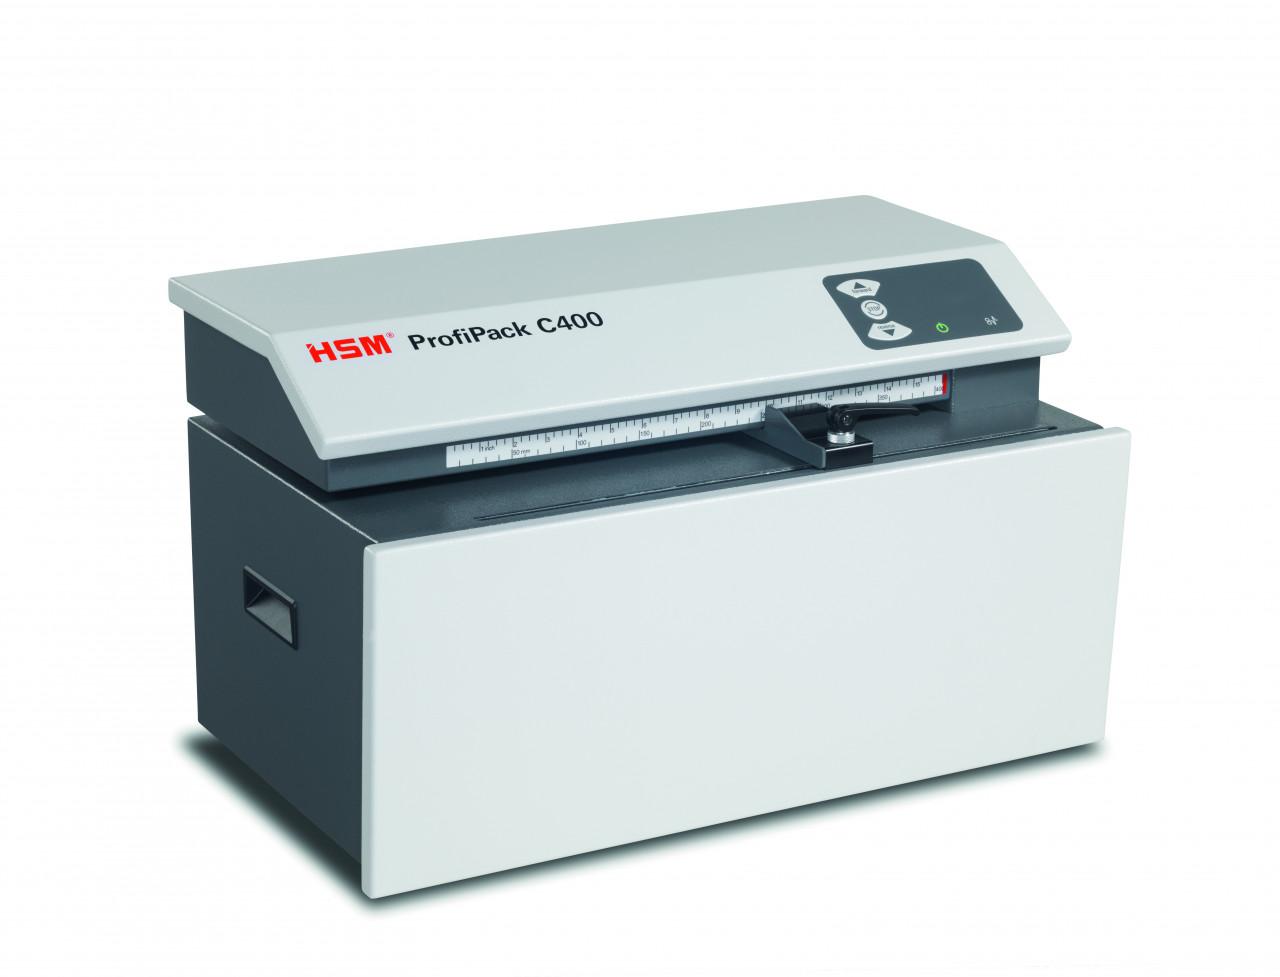 HSM Profipack C400 Vorderansicht